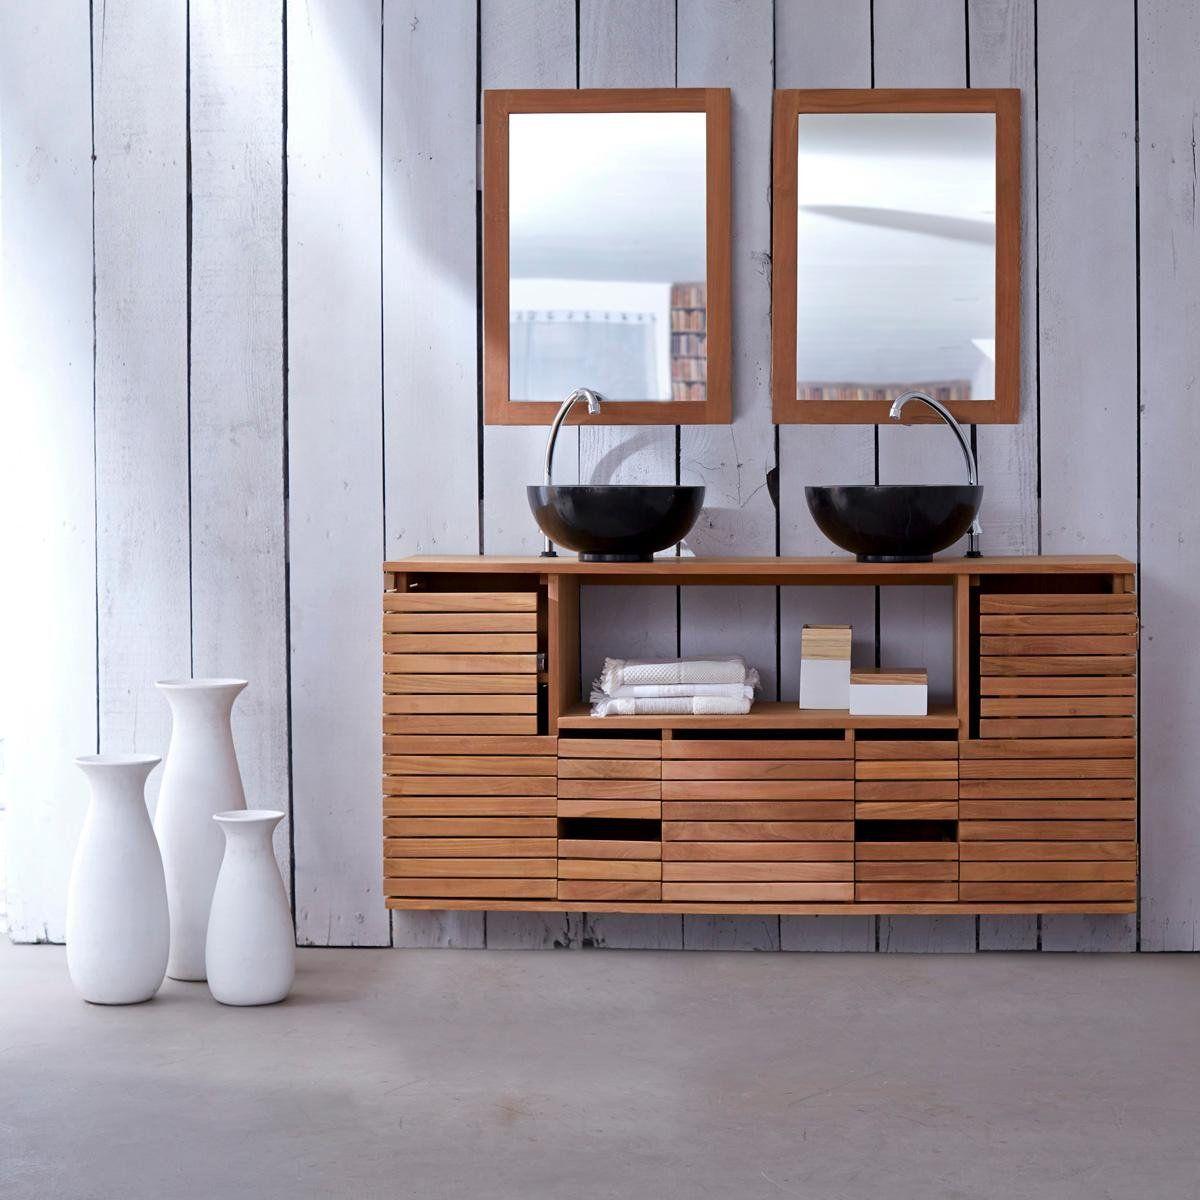 Meuble Suspendu En Teck 145 Slats Tikamoon Meuble Salle De Bain 3 Suisses Meuble Suspendu Meuble Double Vasque Mobilier De Salon